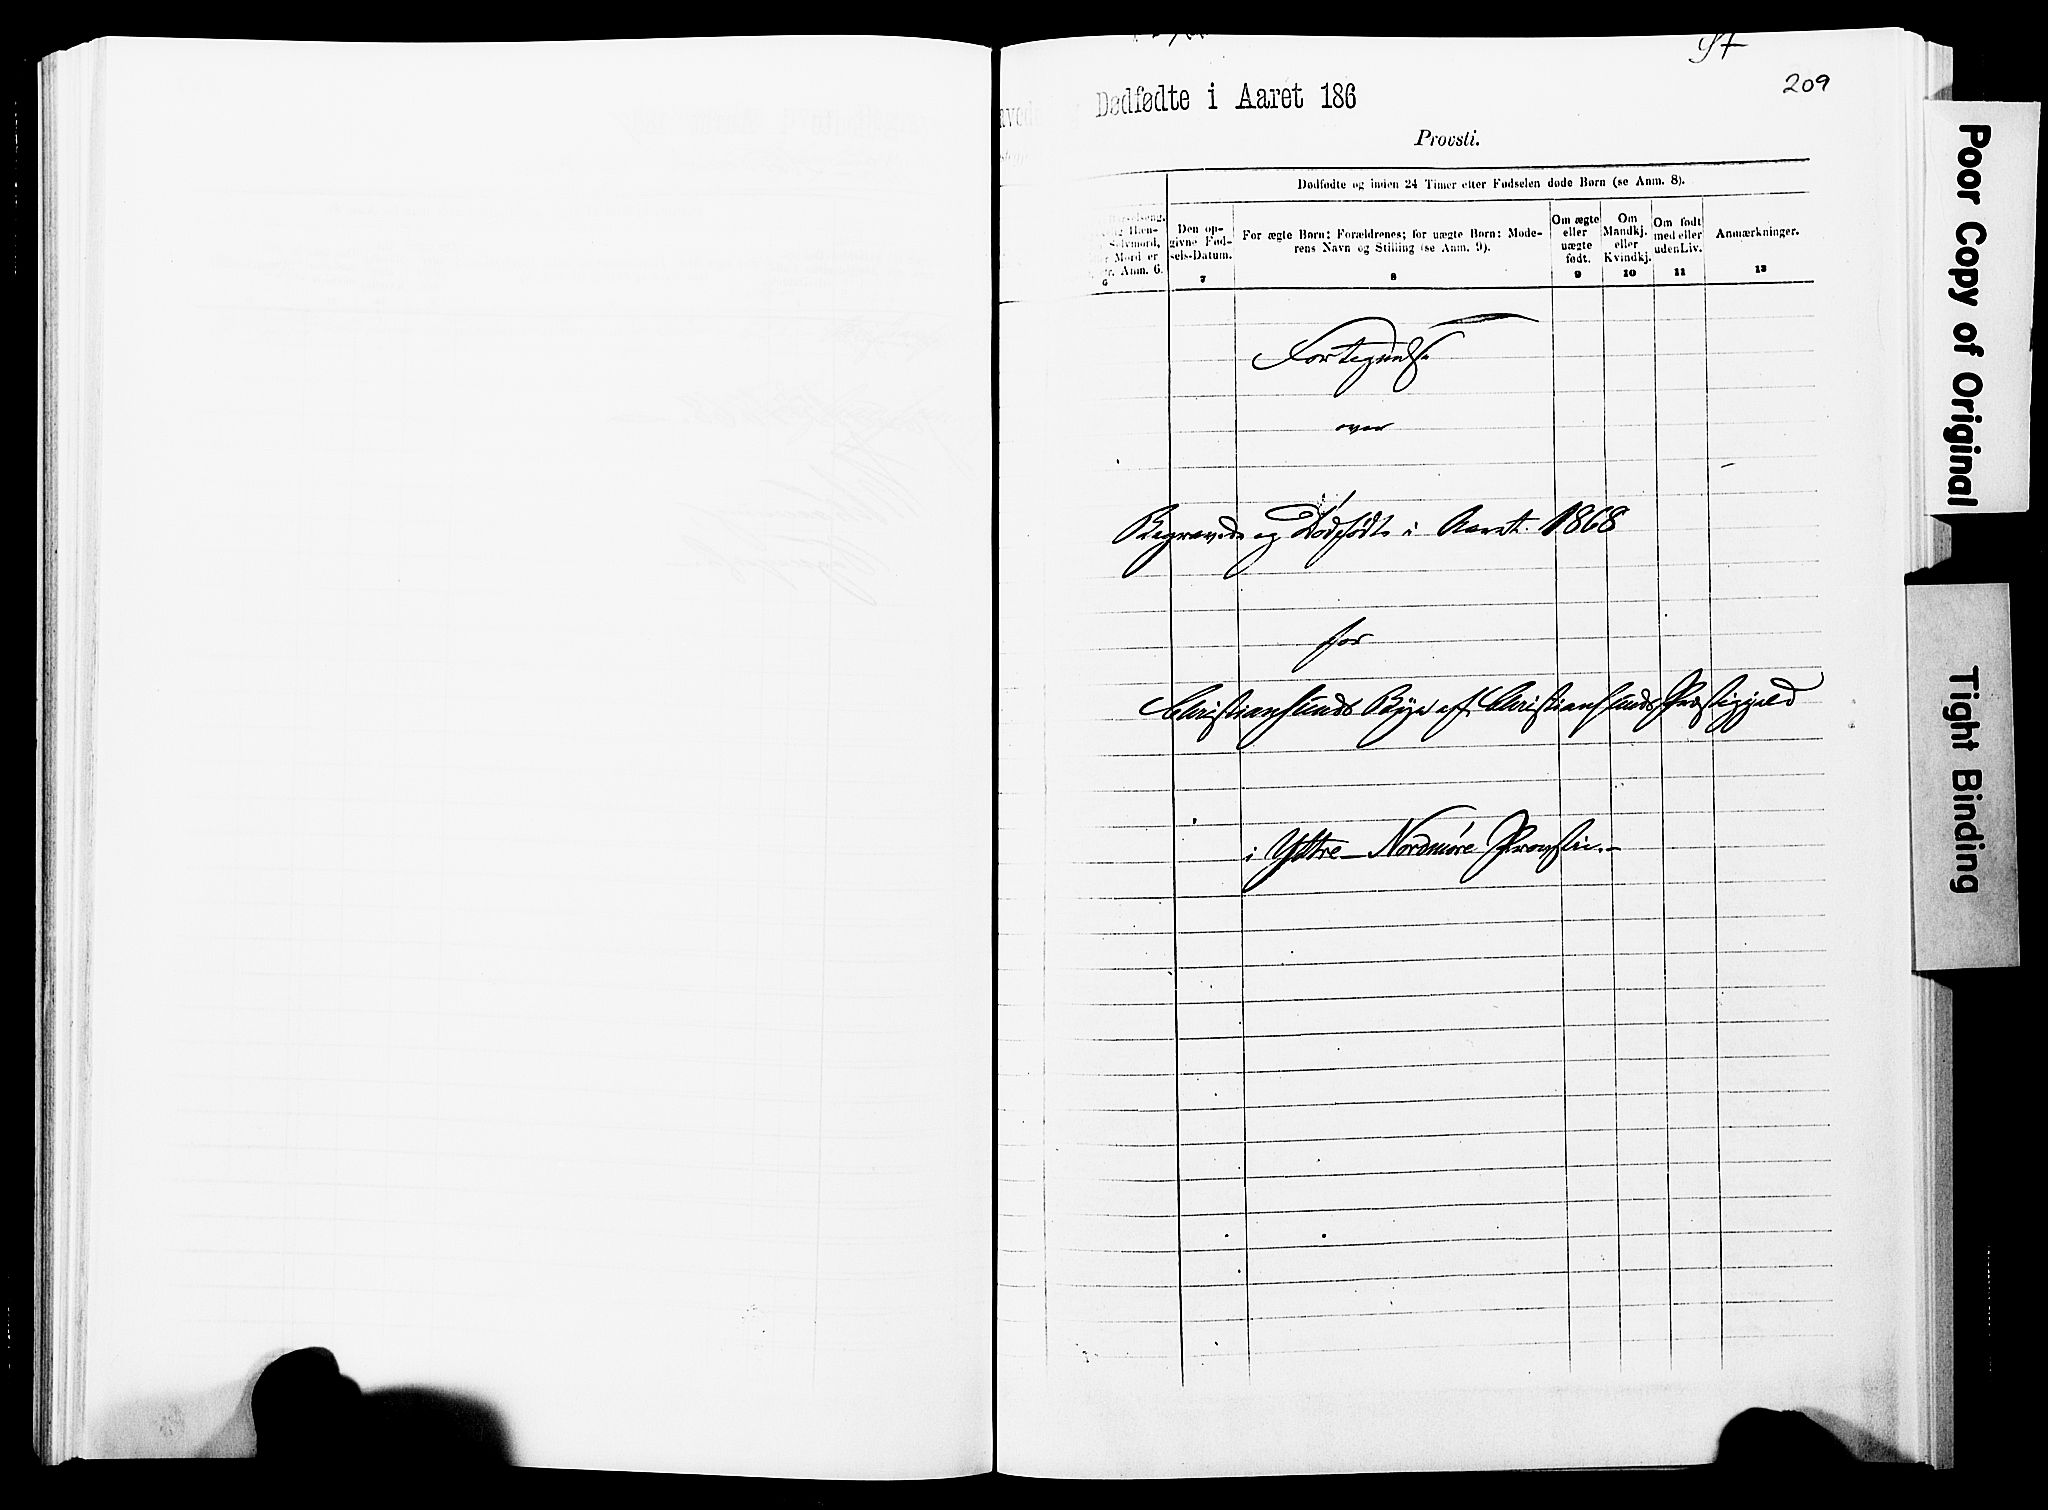 SAT, Ministerialprotokoller, klokkerbøker og fødselsregistre - Møre og Romsdal, 572/L0857: Ministerialbok nr. 572D01, 1866-1872, s. 208-209